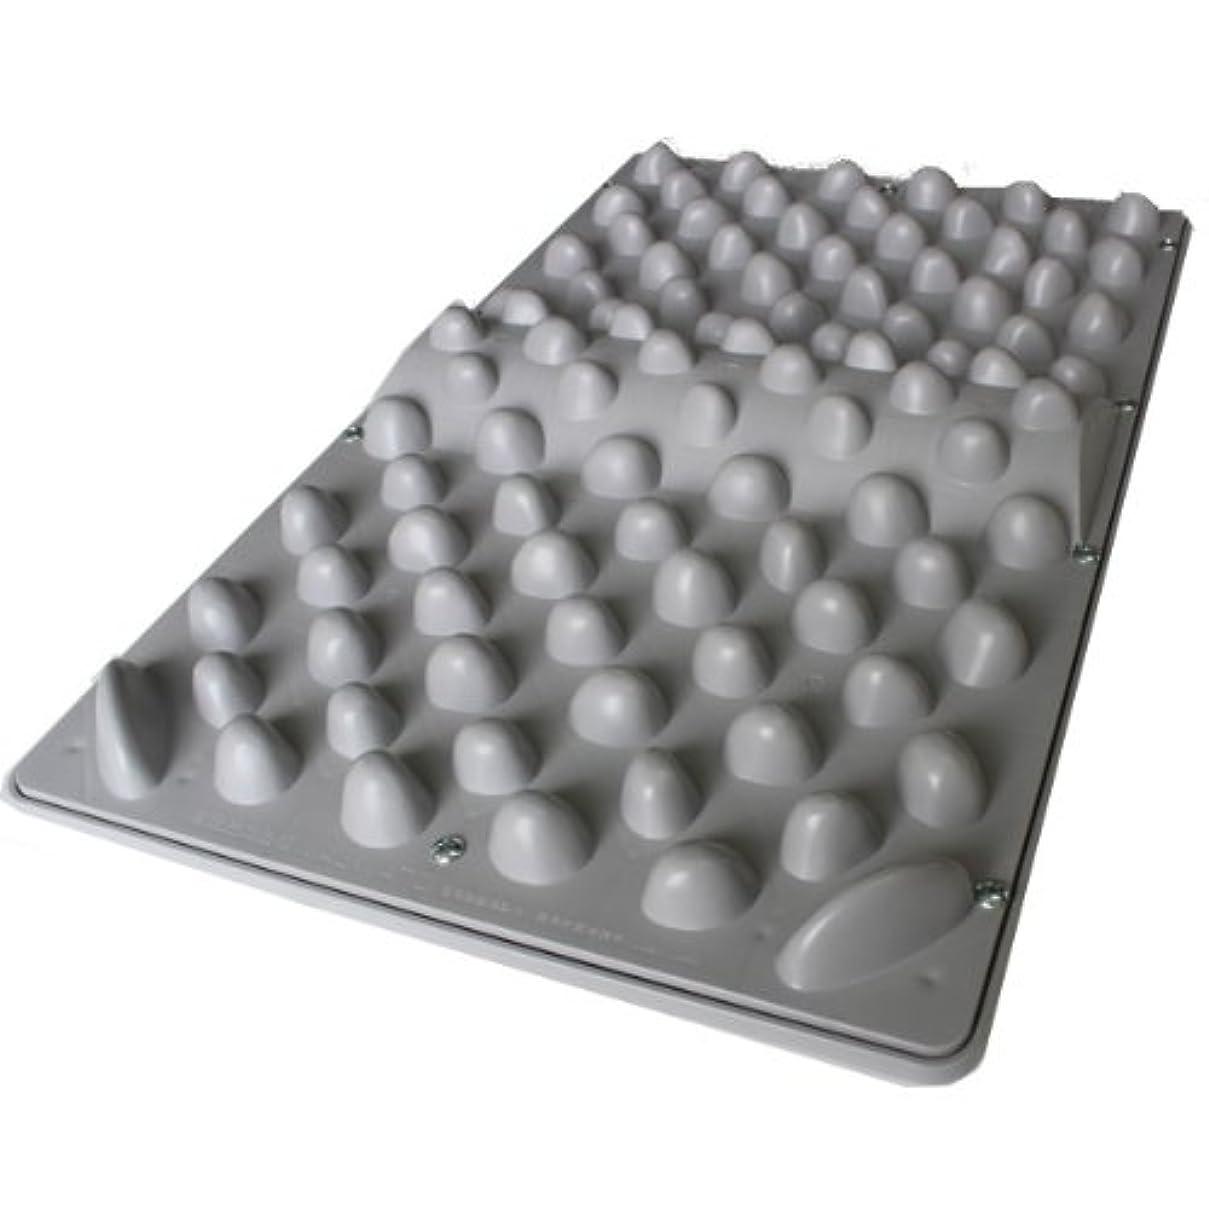 社員少なくとも雲官足法 ウォークマットⅡ 裏板セット(ABS樹脂製補強板付き)